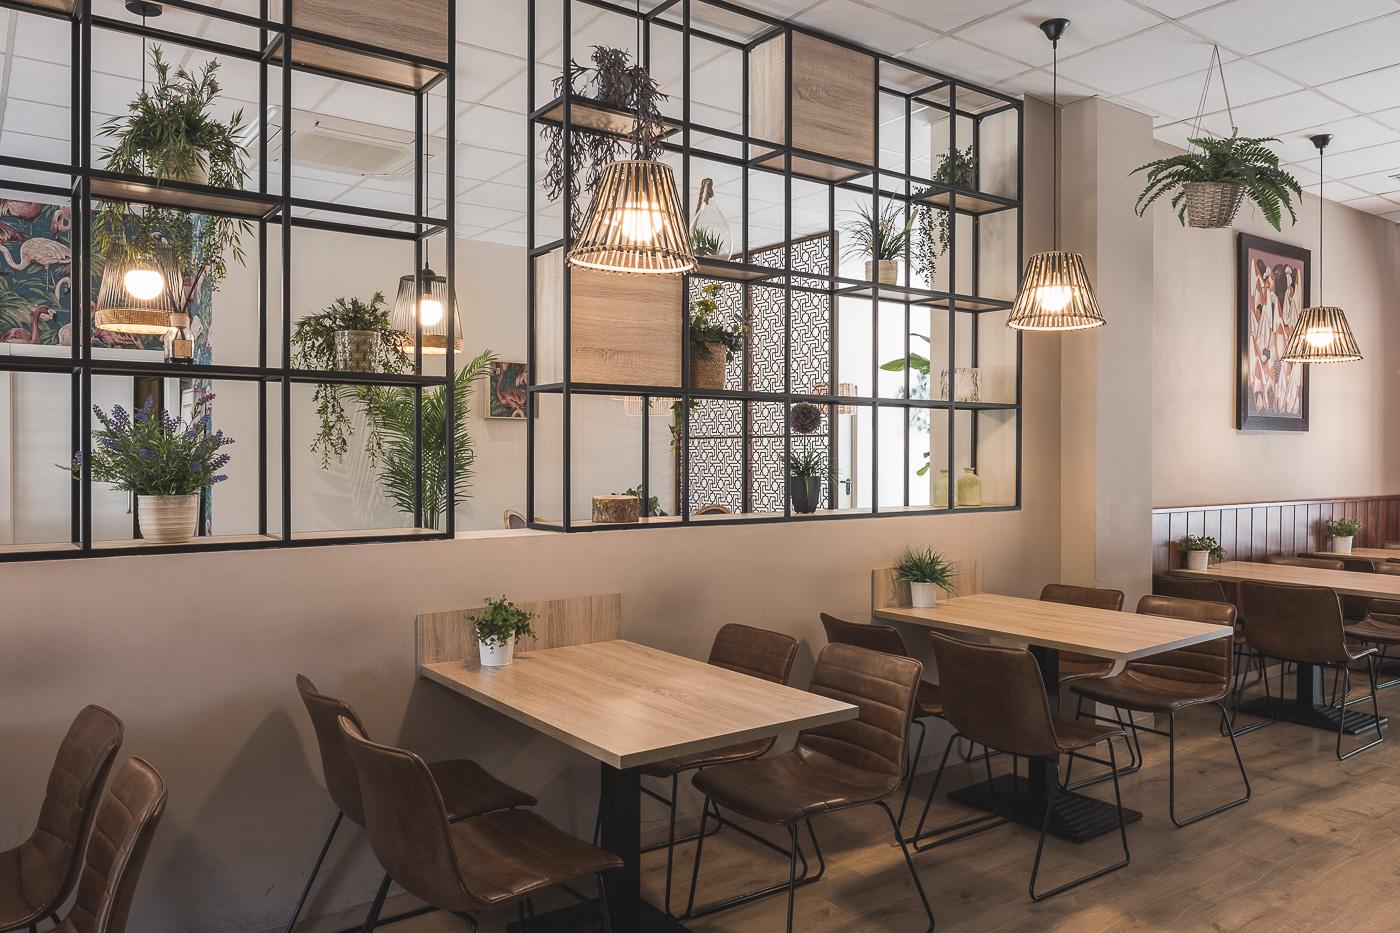 proyectos-interiorismo-interioristas-empresas-reformas-locales-comerciales-cafeterias-20